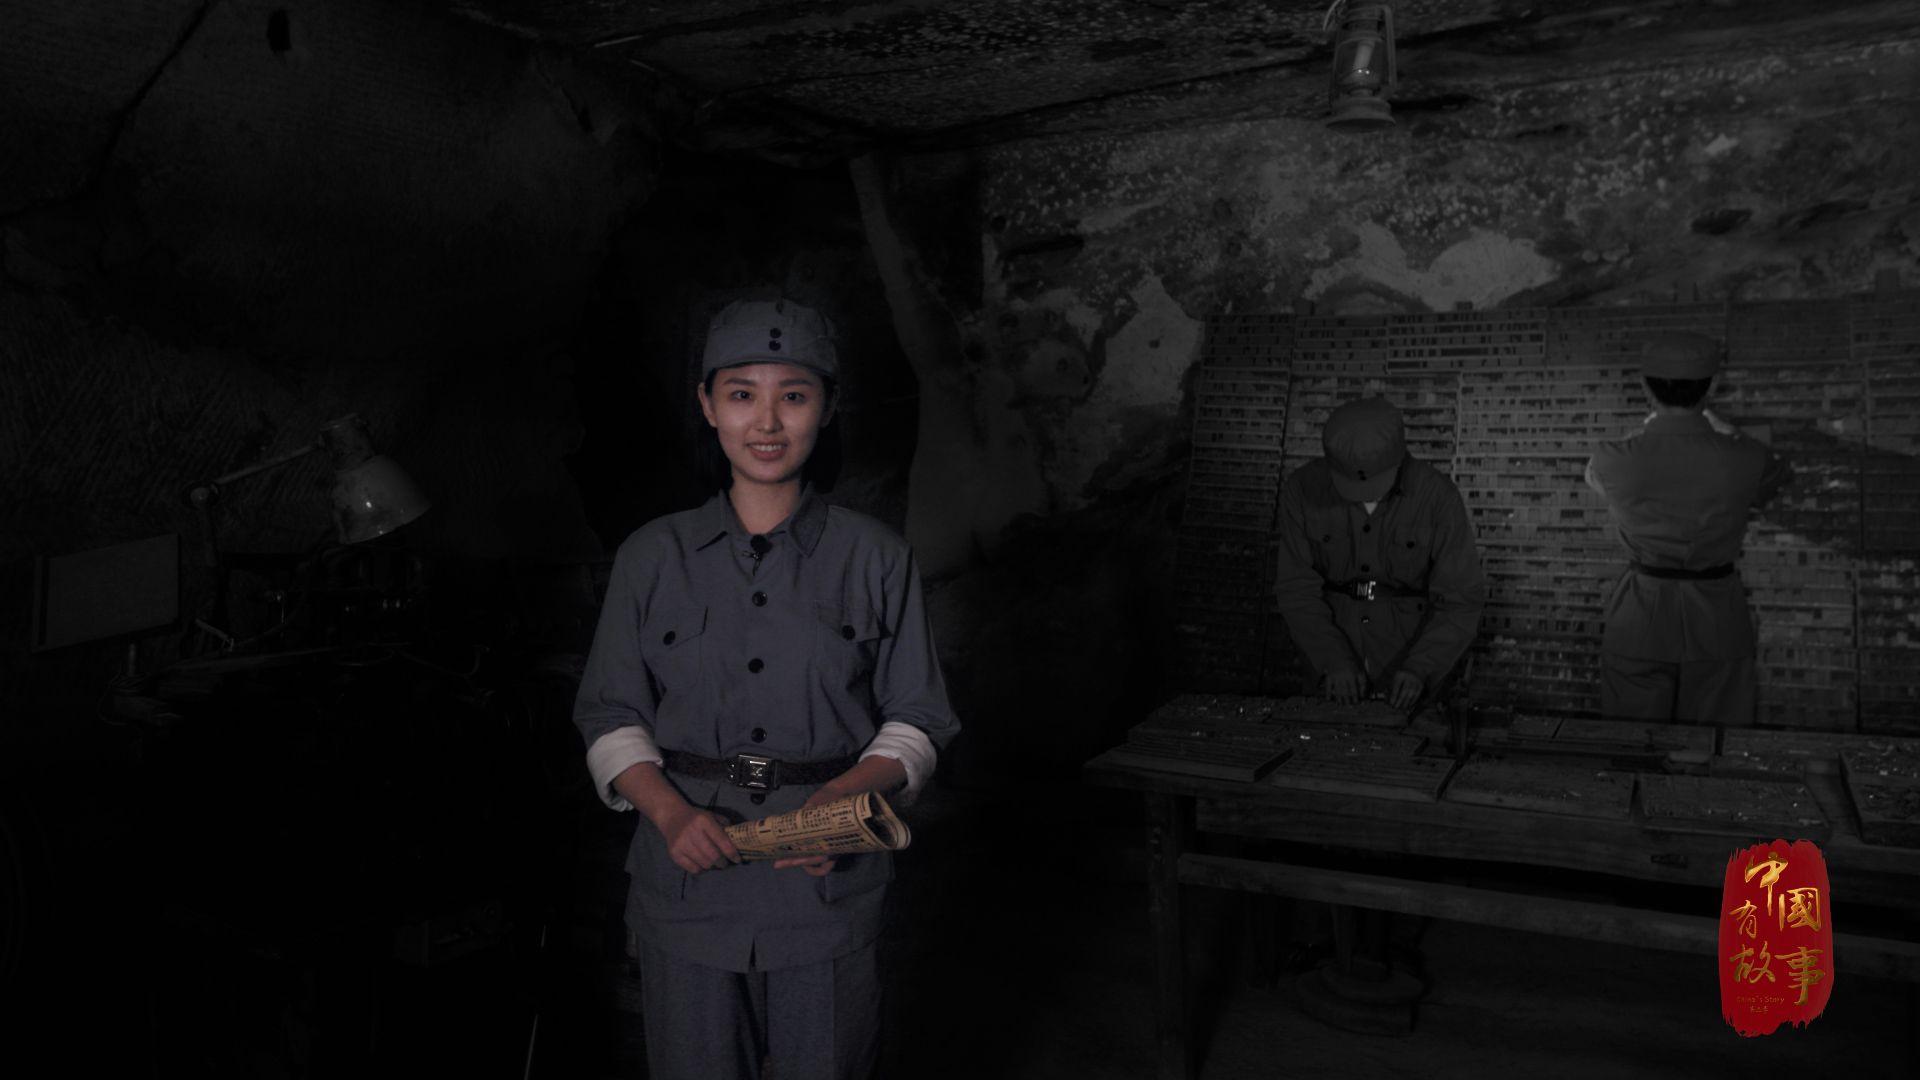 """窑洞里传出""""红色声音""""——《中国有故事》带您一探新中国新闻事业的摇篮清凉山"""